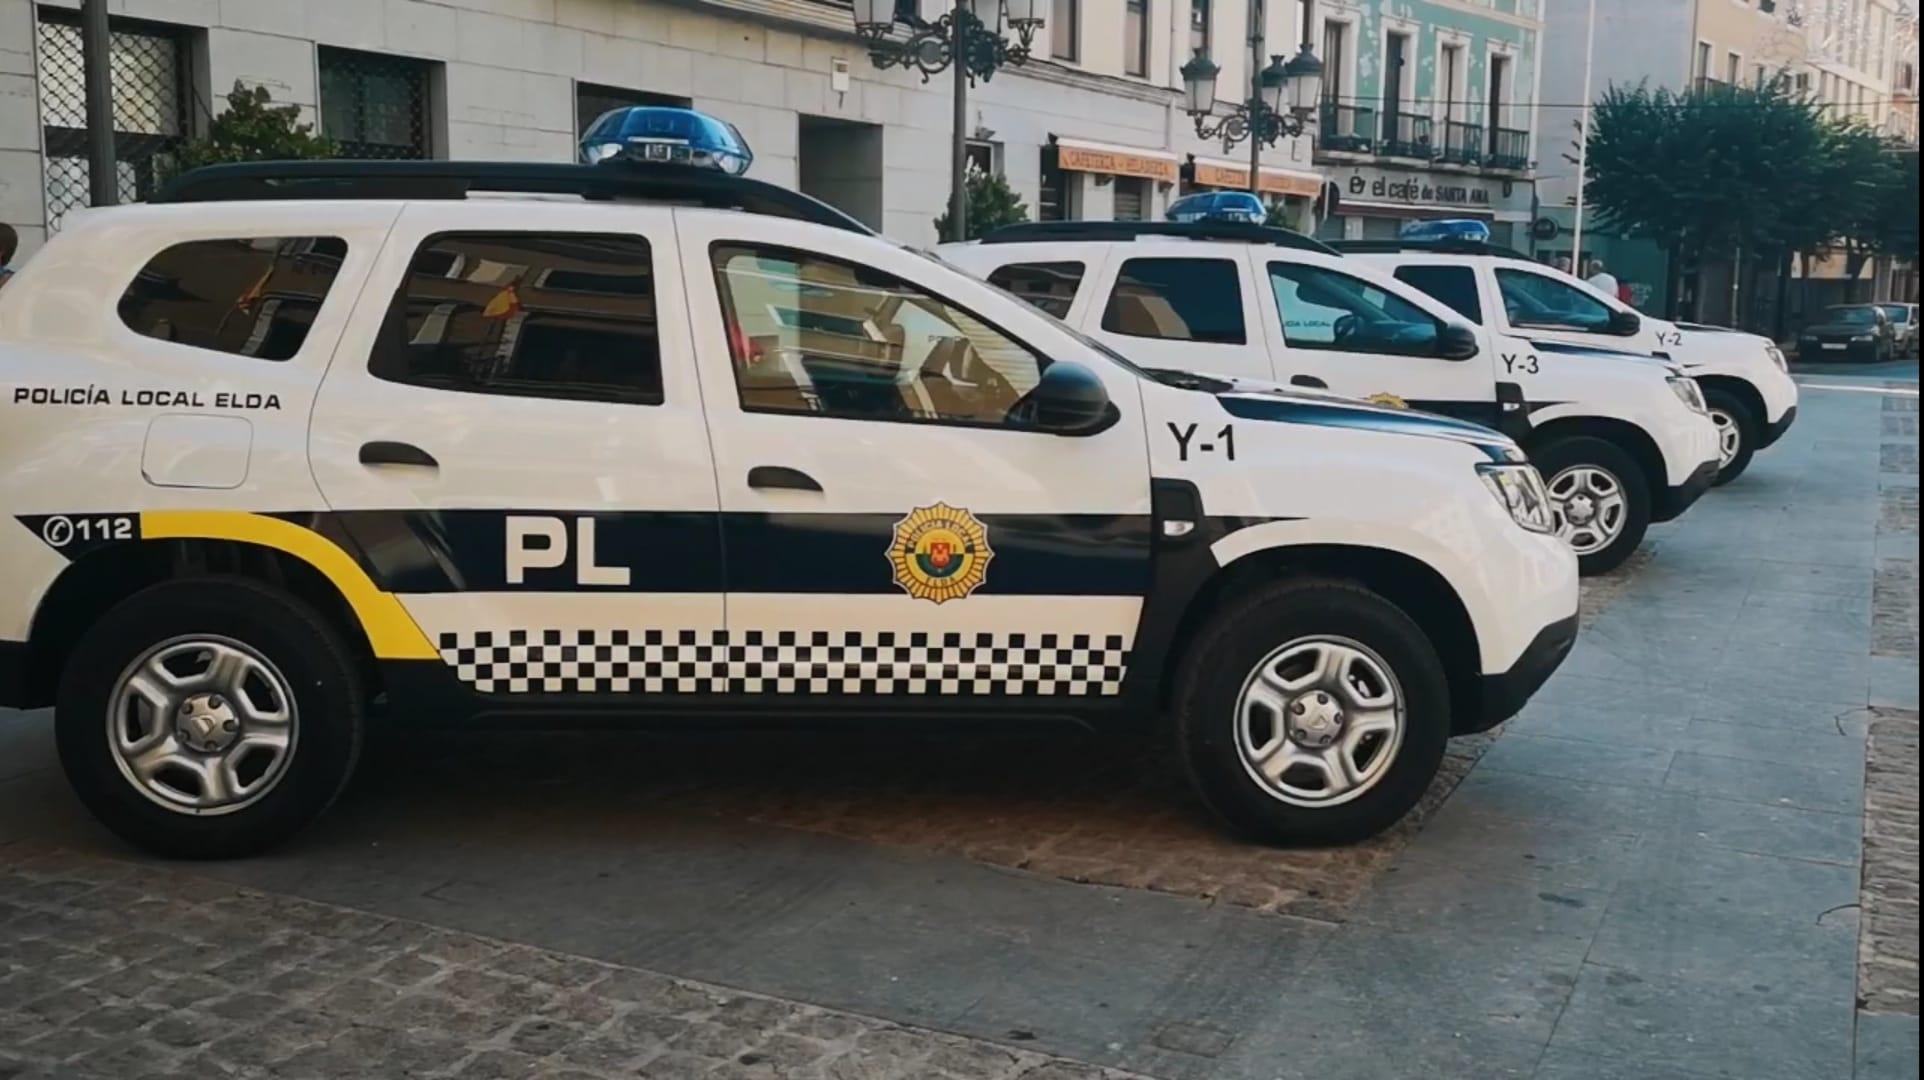 La Policía Local de Elda desmantela una fiesta en un parque público con cerca de 50 personas que no respetaban las medidas de seguridad